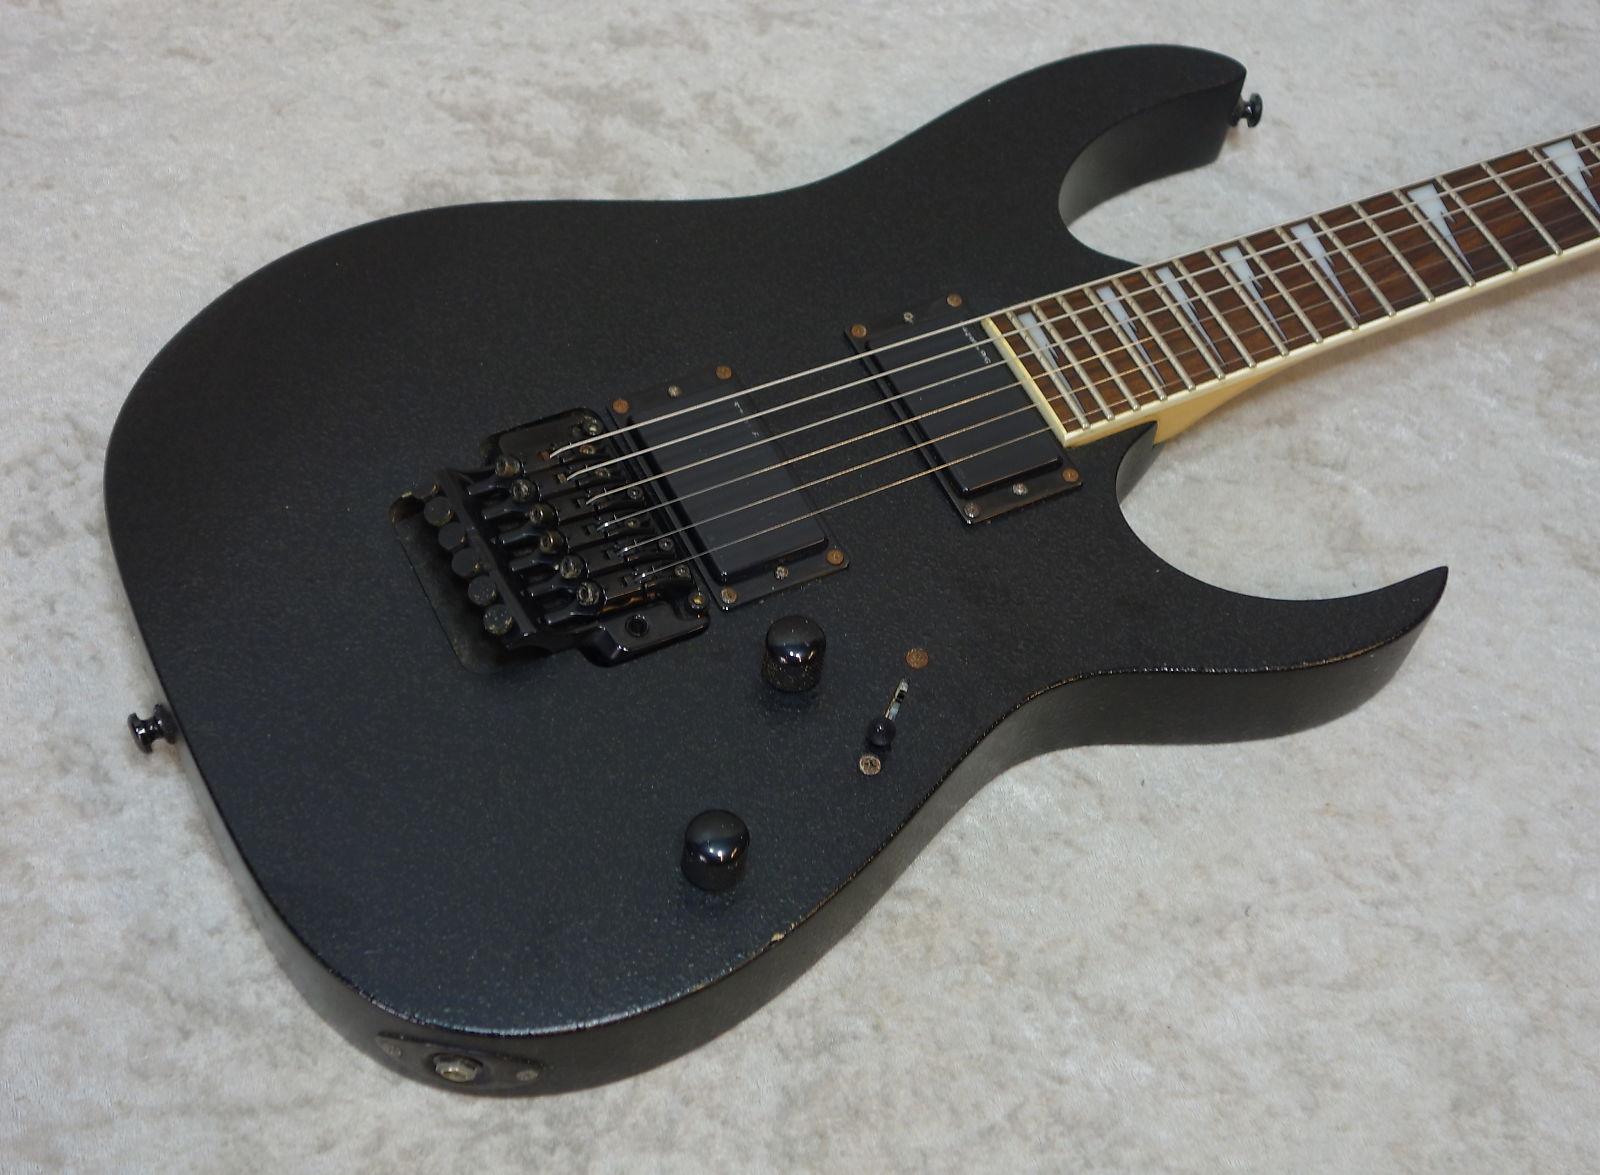 Ibanez RG Series RGR320EX electric guitar Road Rage black